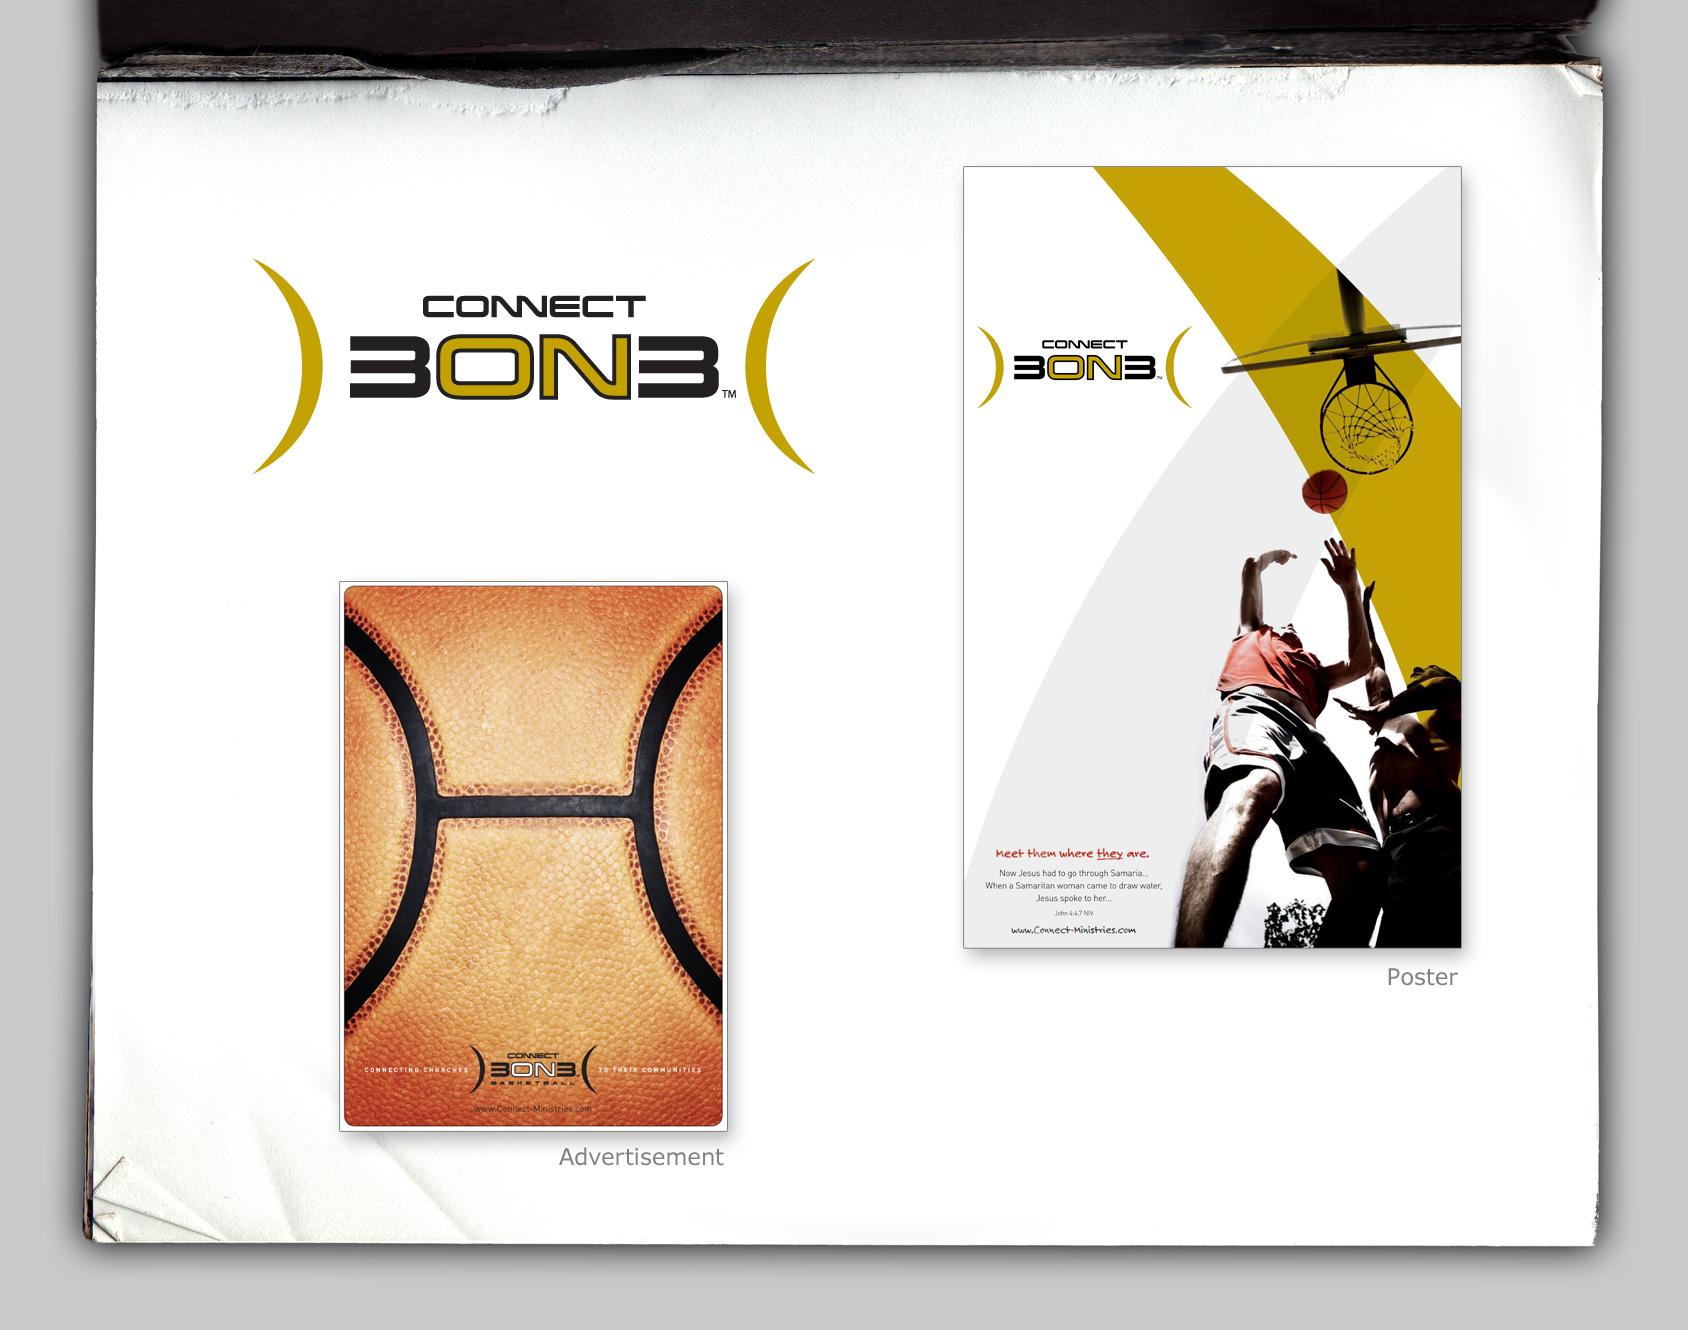 Samples-Branding-3on3-1.jpg